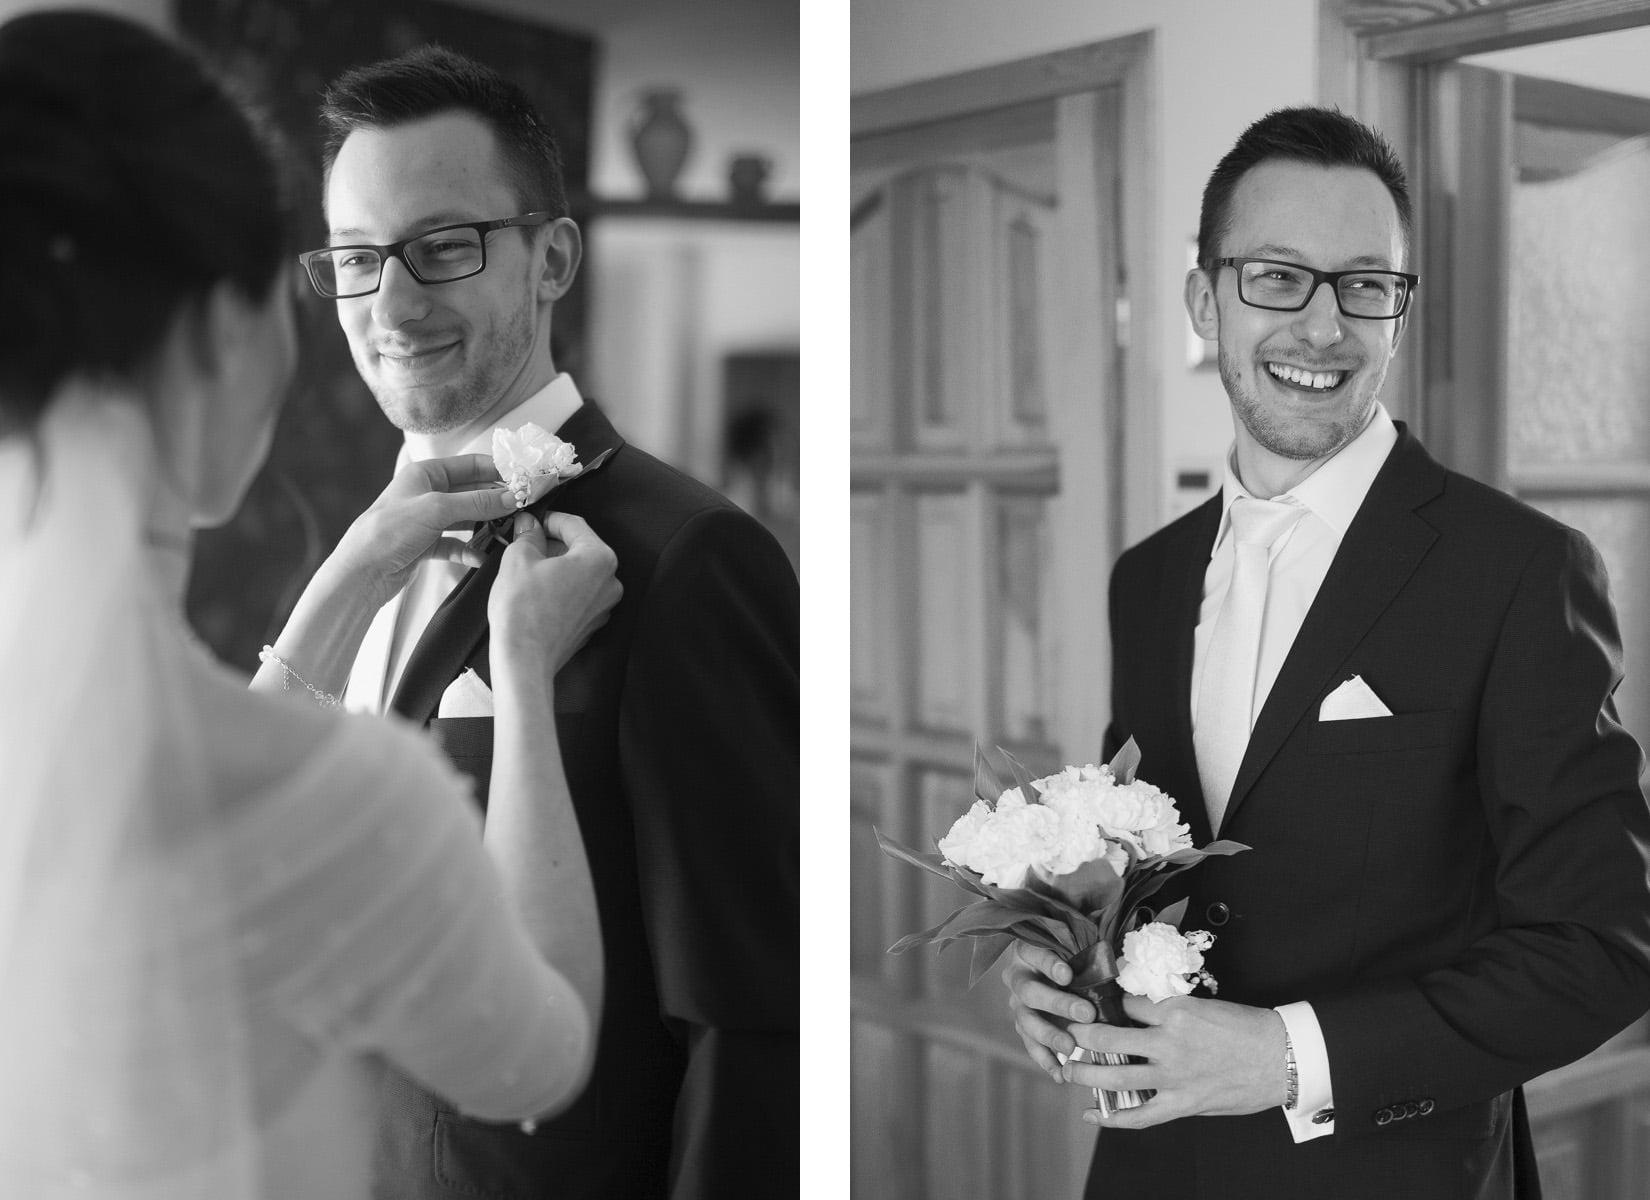 fotograf slub bielsko biala ania maciej 21 - Ślub w Bielsku-Białej - ANIA & MACIEJ